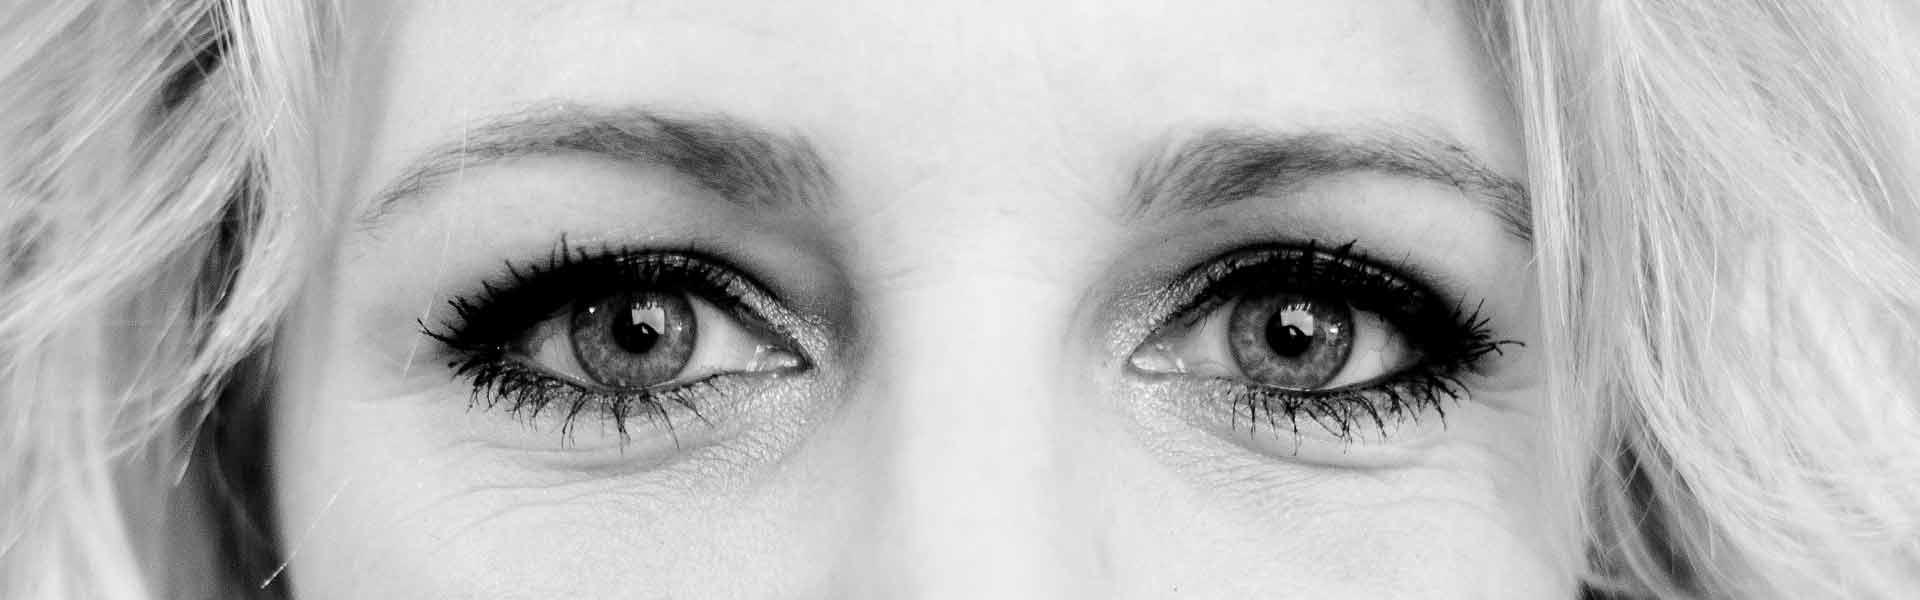 portret ogen barbara close detail